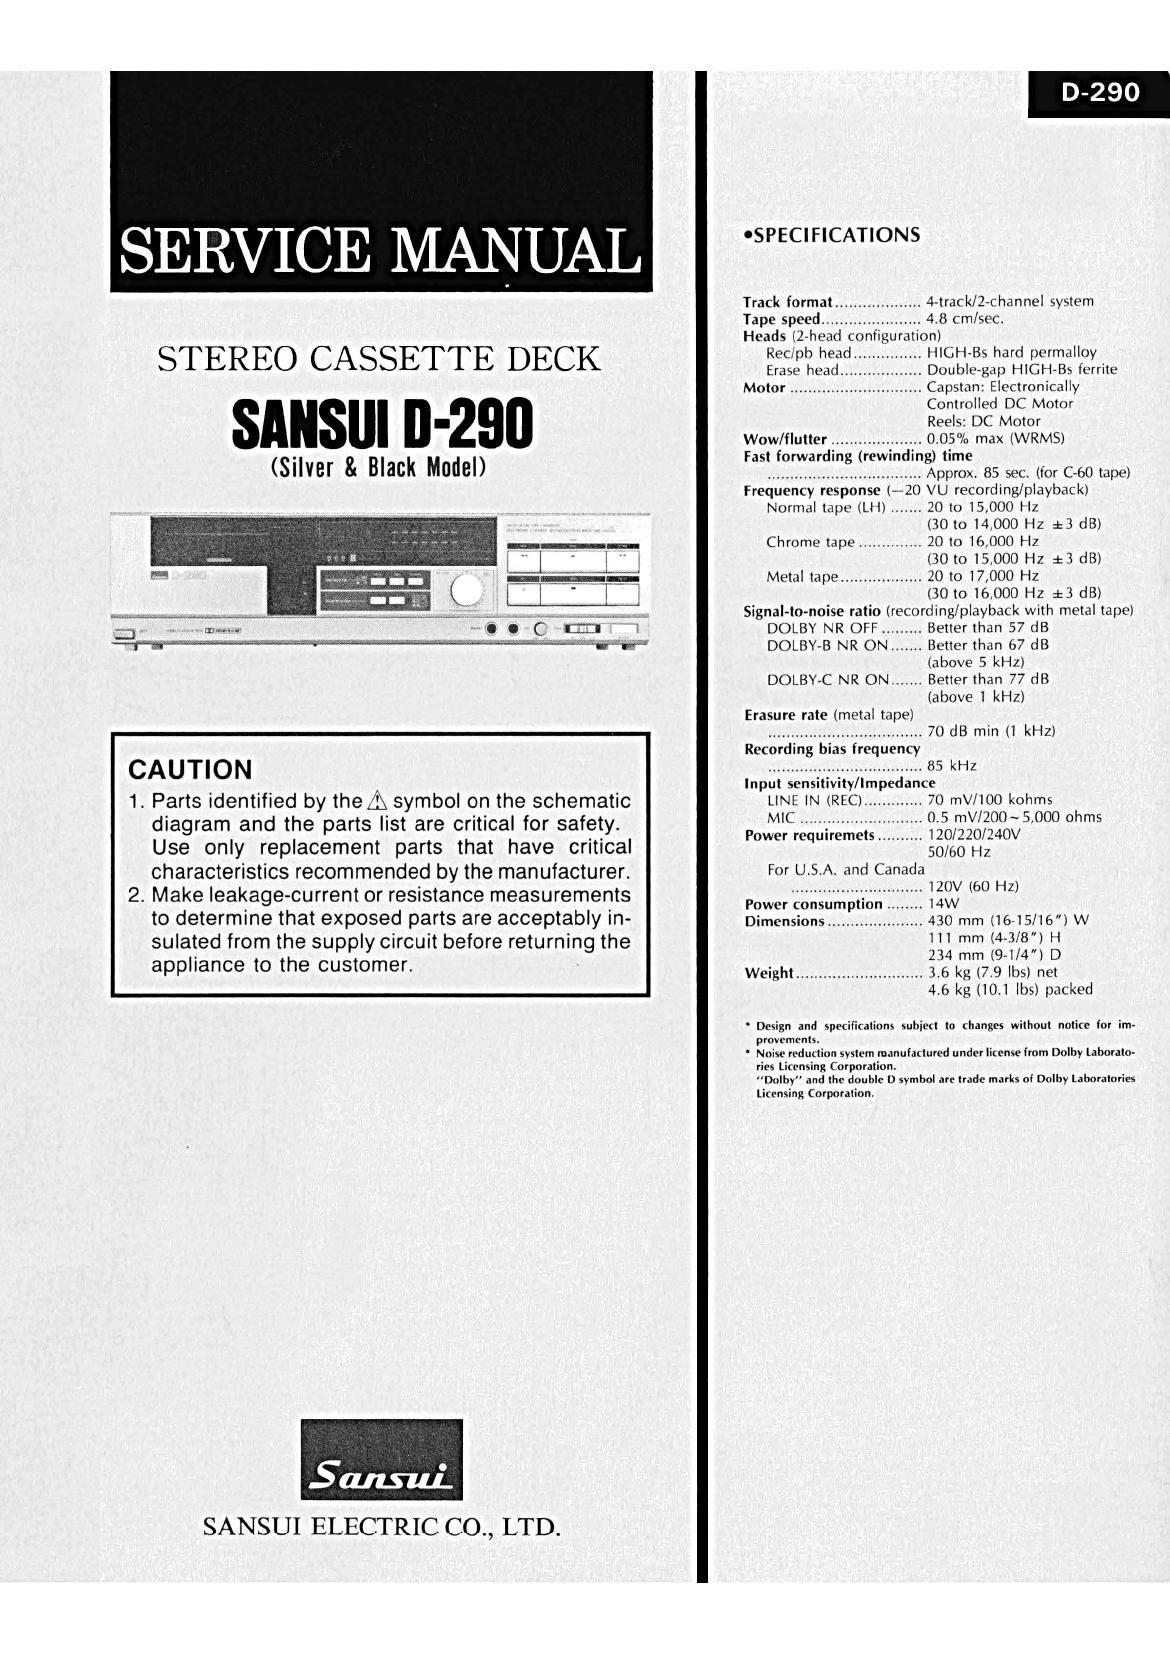 Free Download Sansui D 290 Service Manual